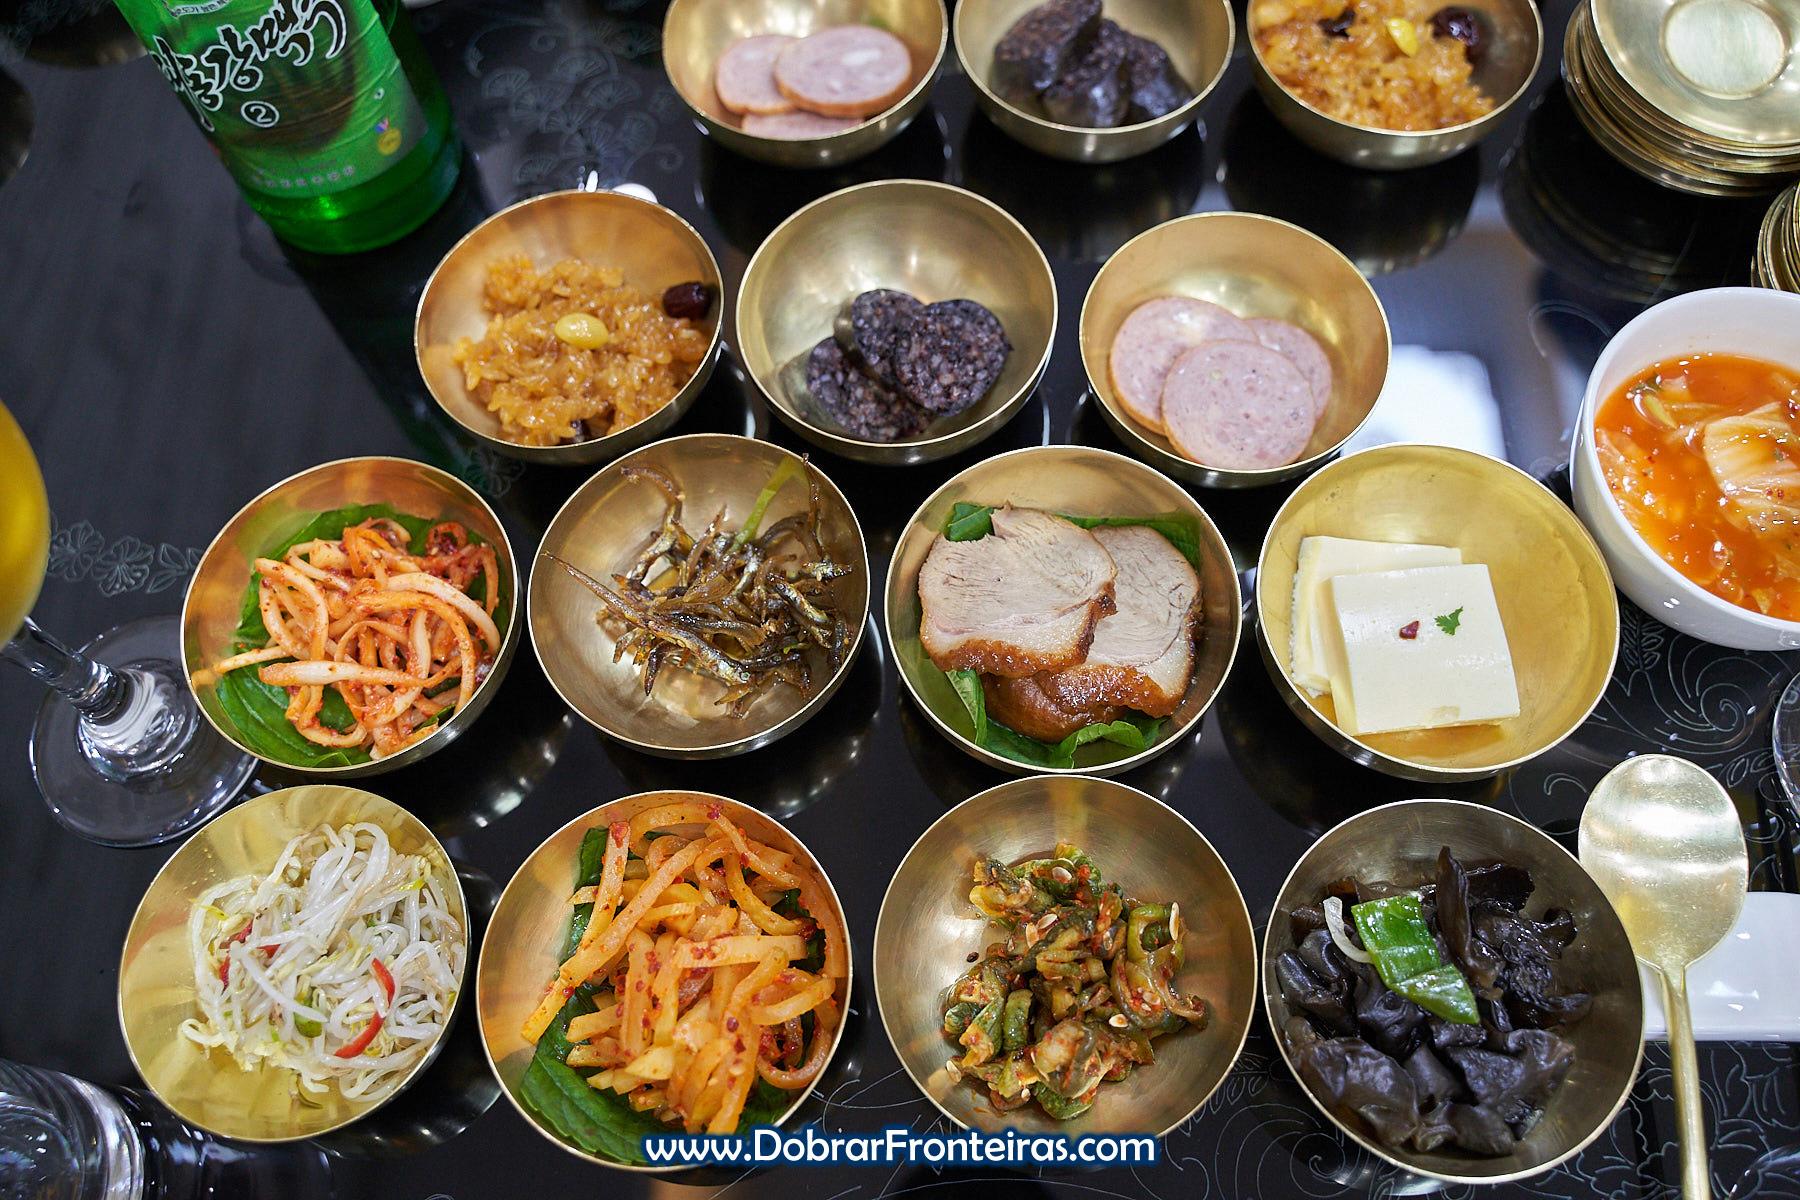 Comida típica da Coreia do Norte em taças metálicas